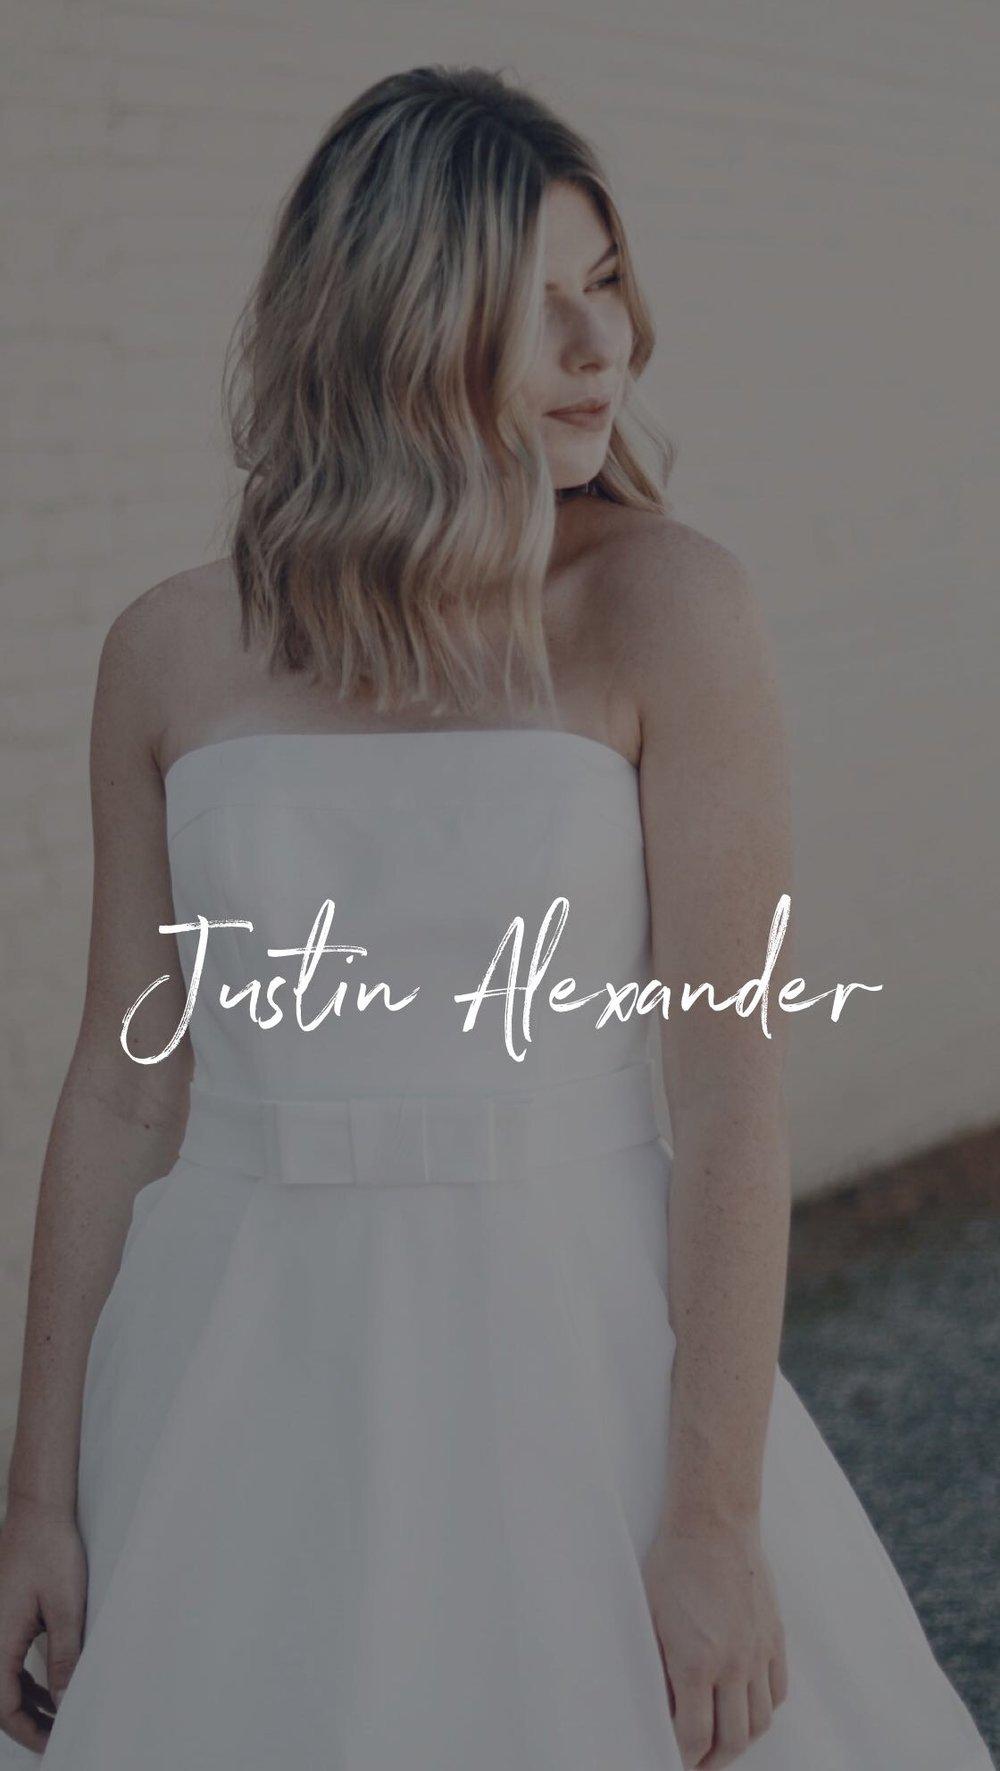 justin alexander website.JPG